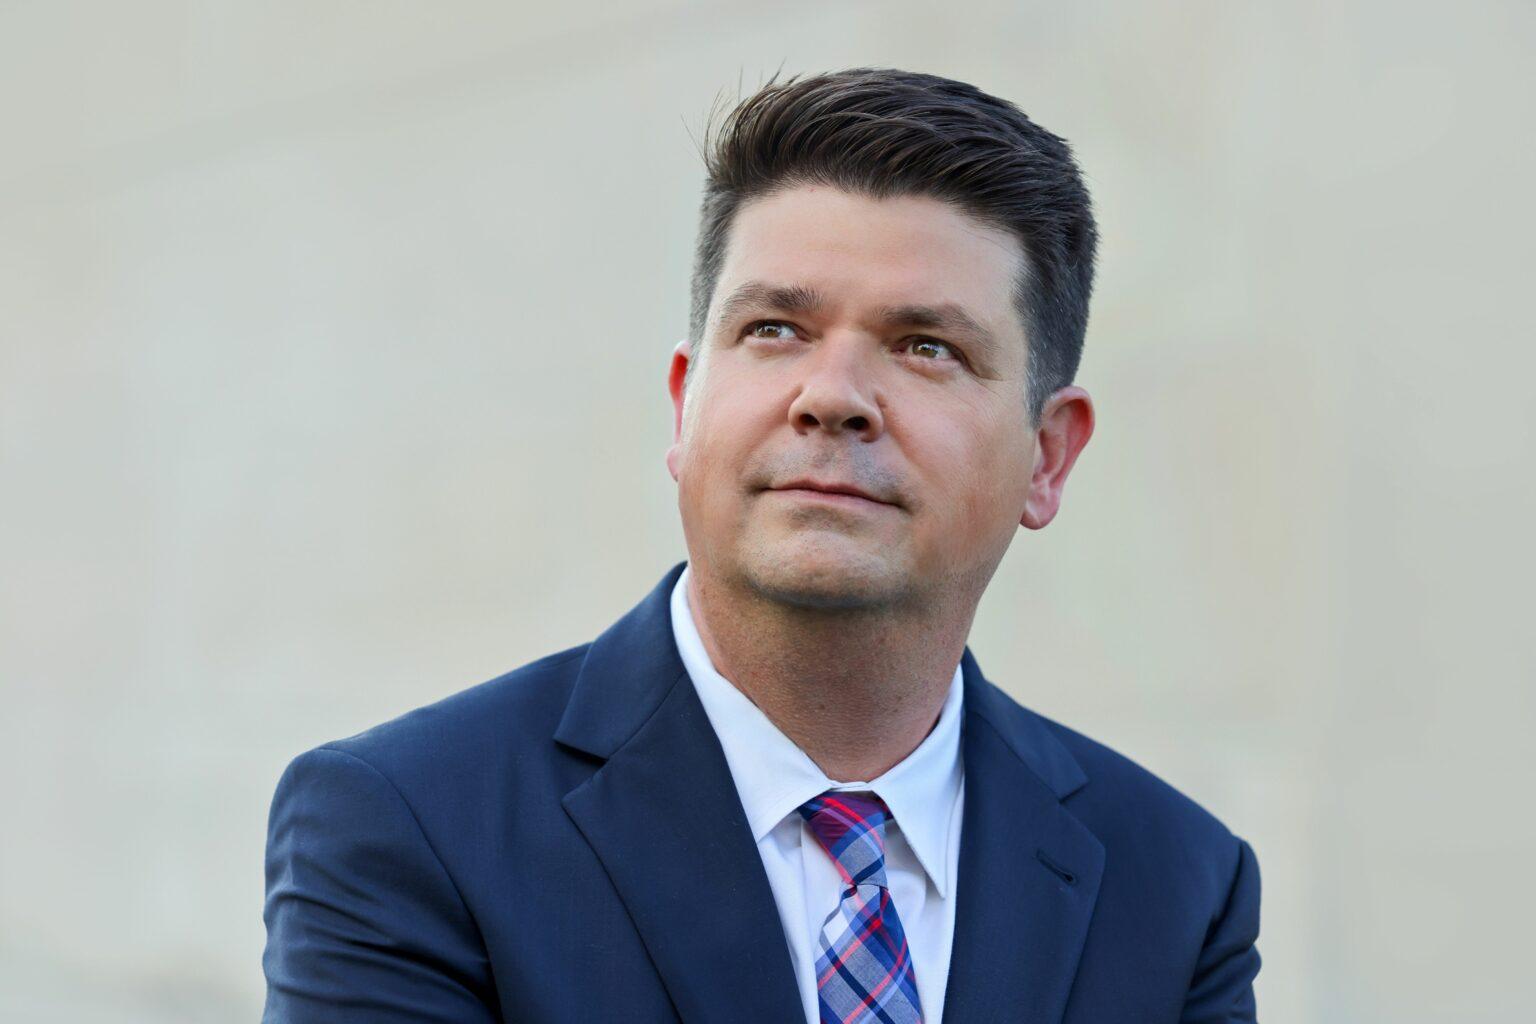 Dr. Jason Martin